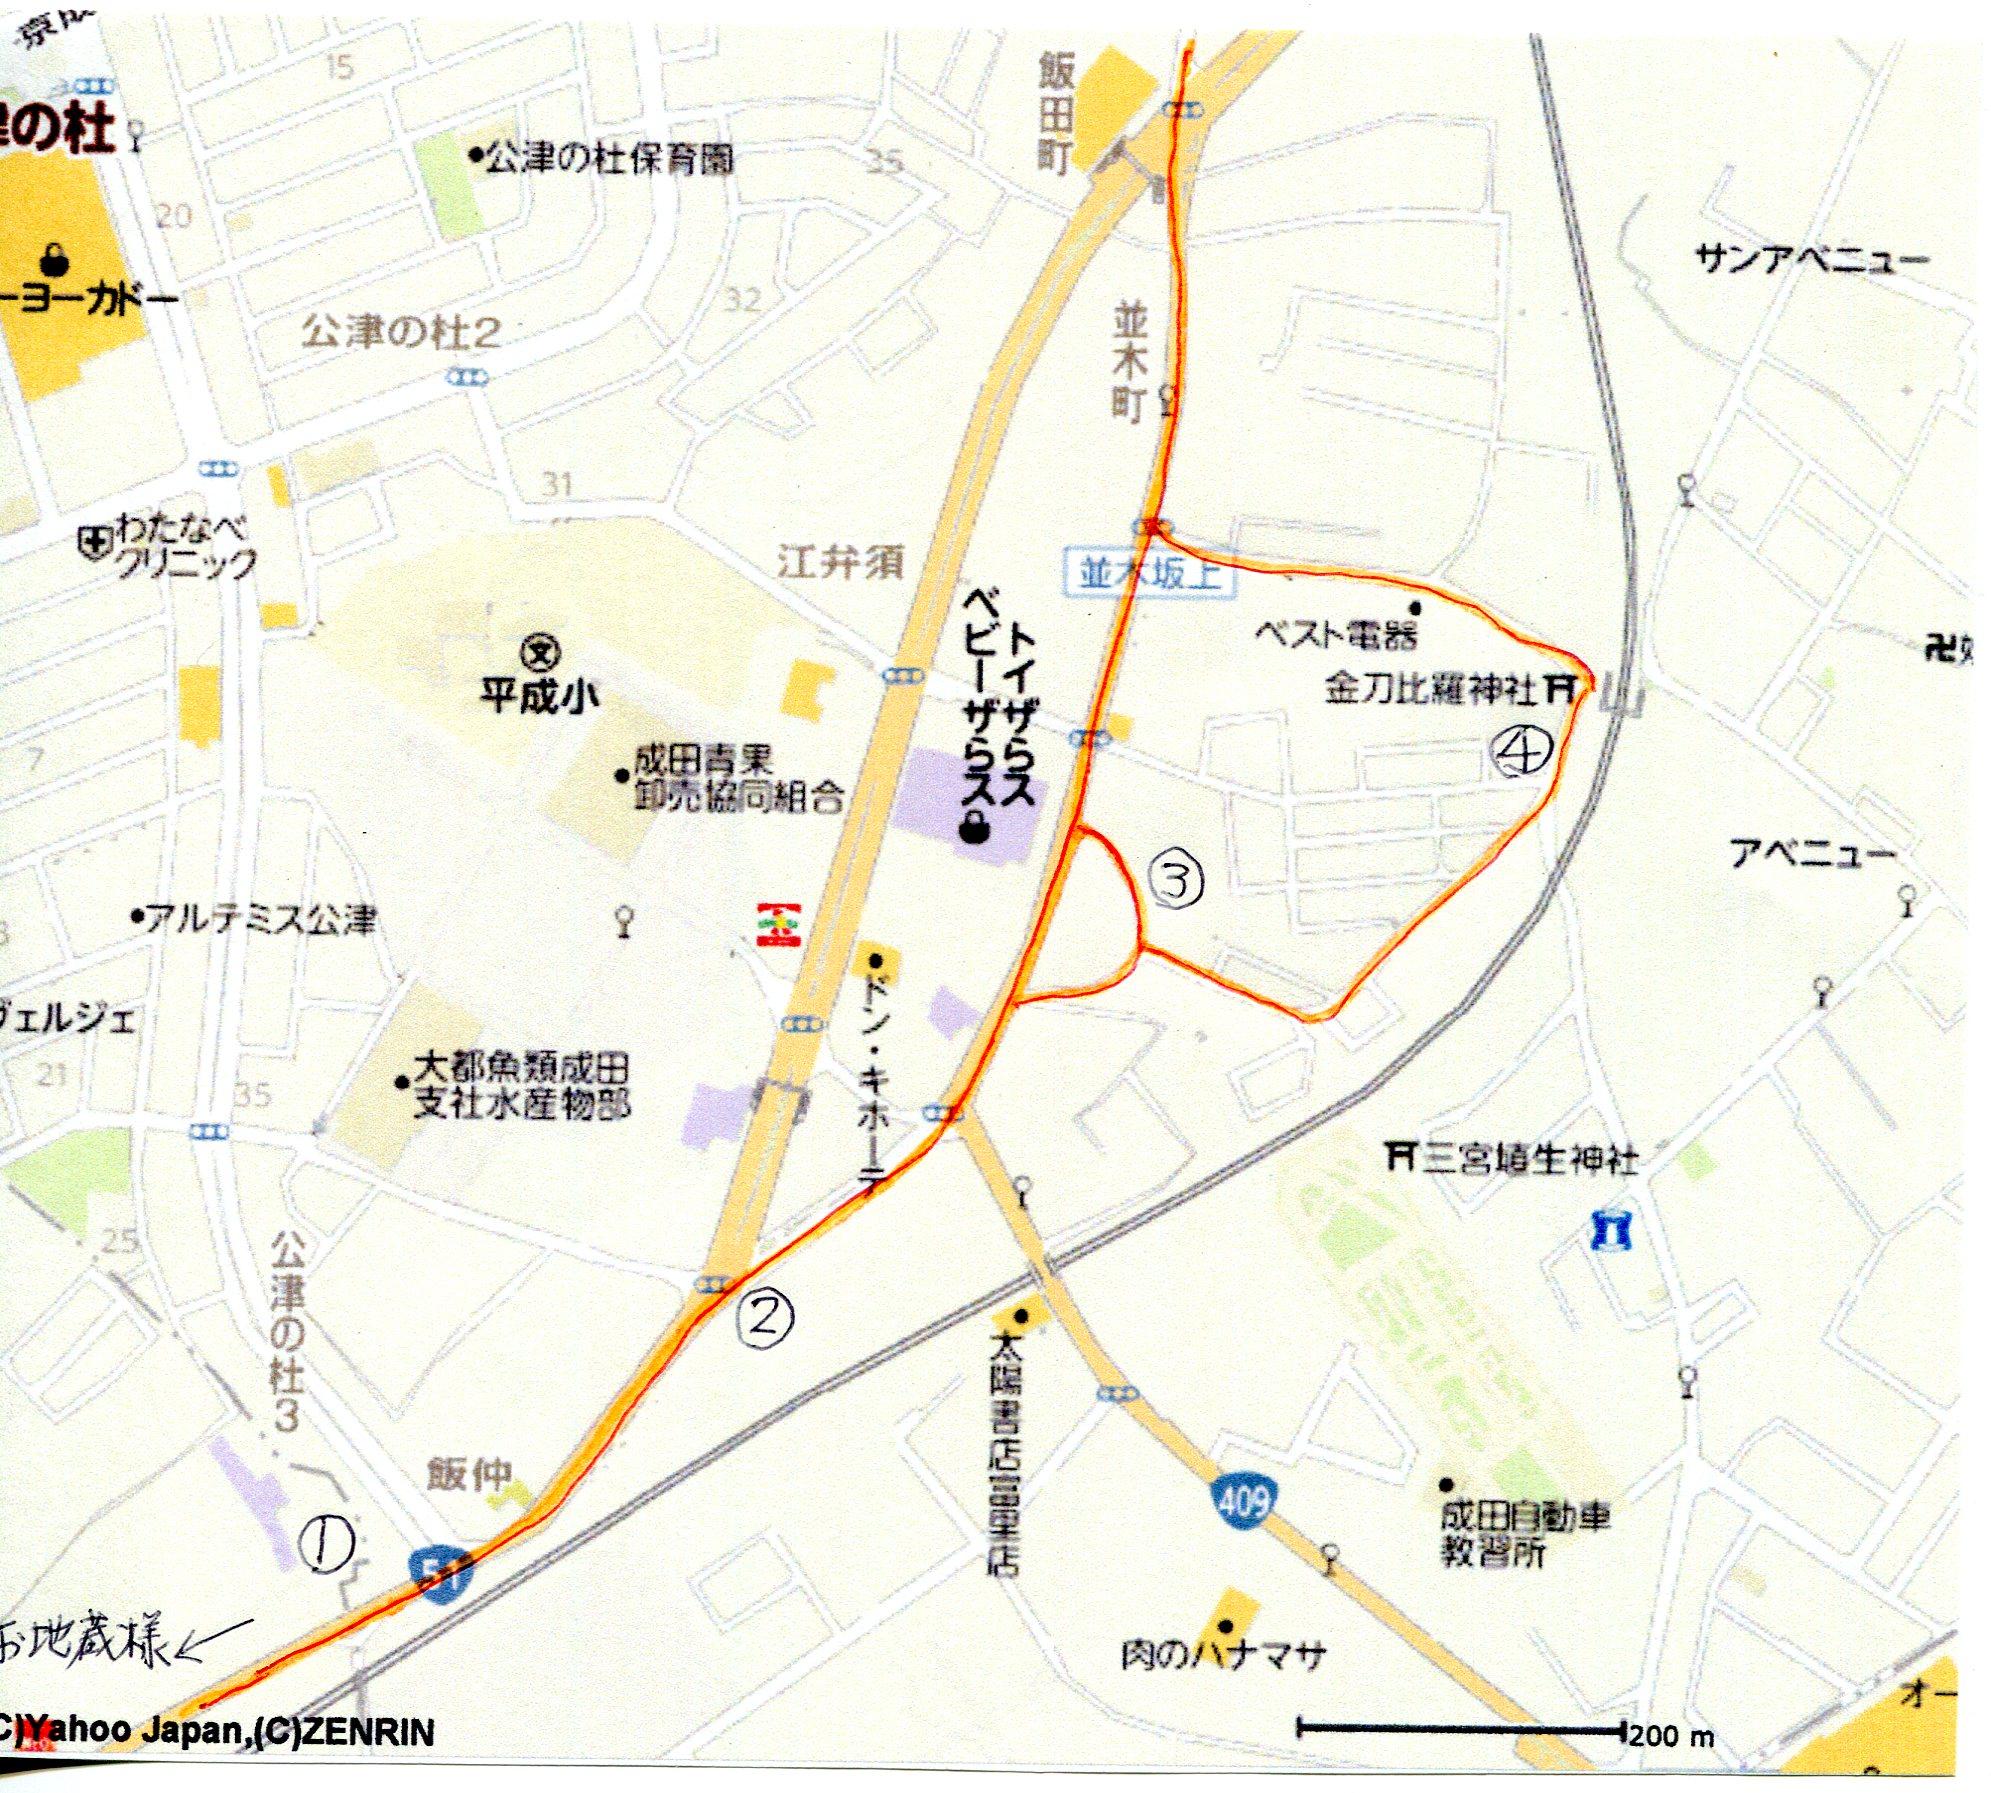 成田街道マップー3